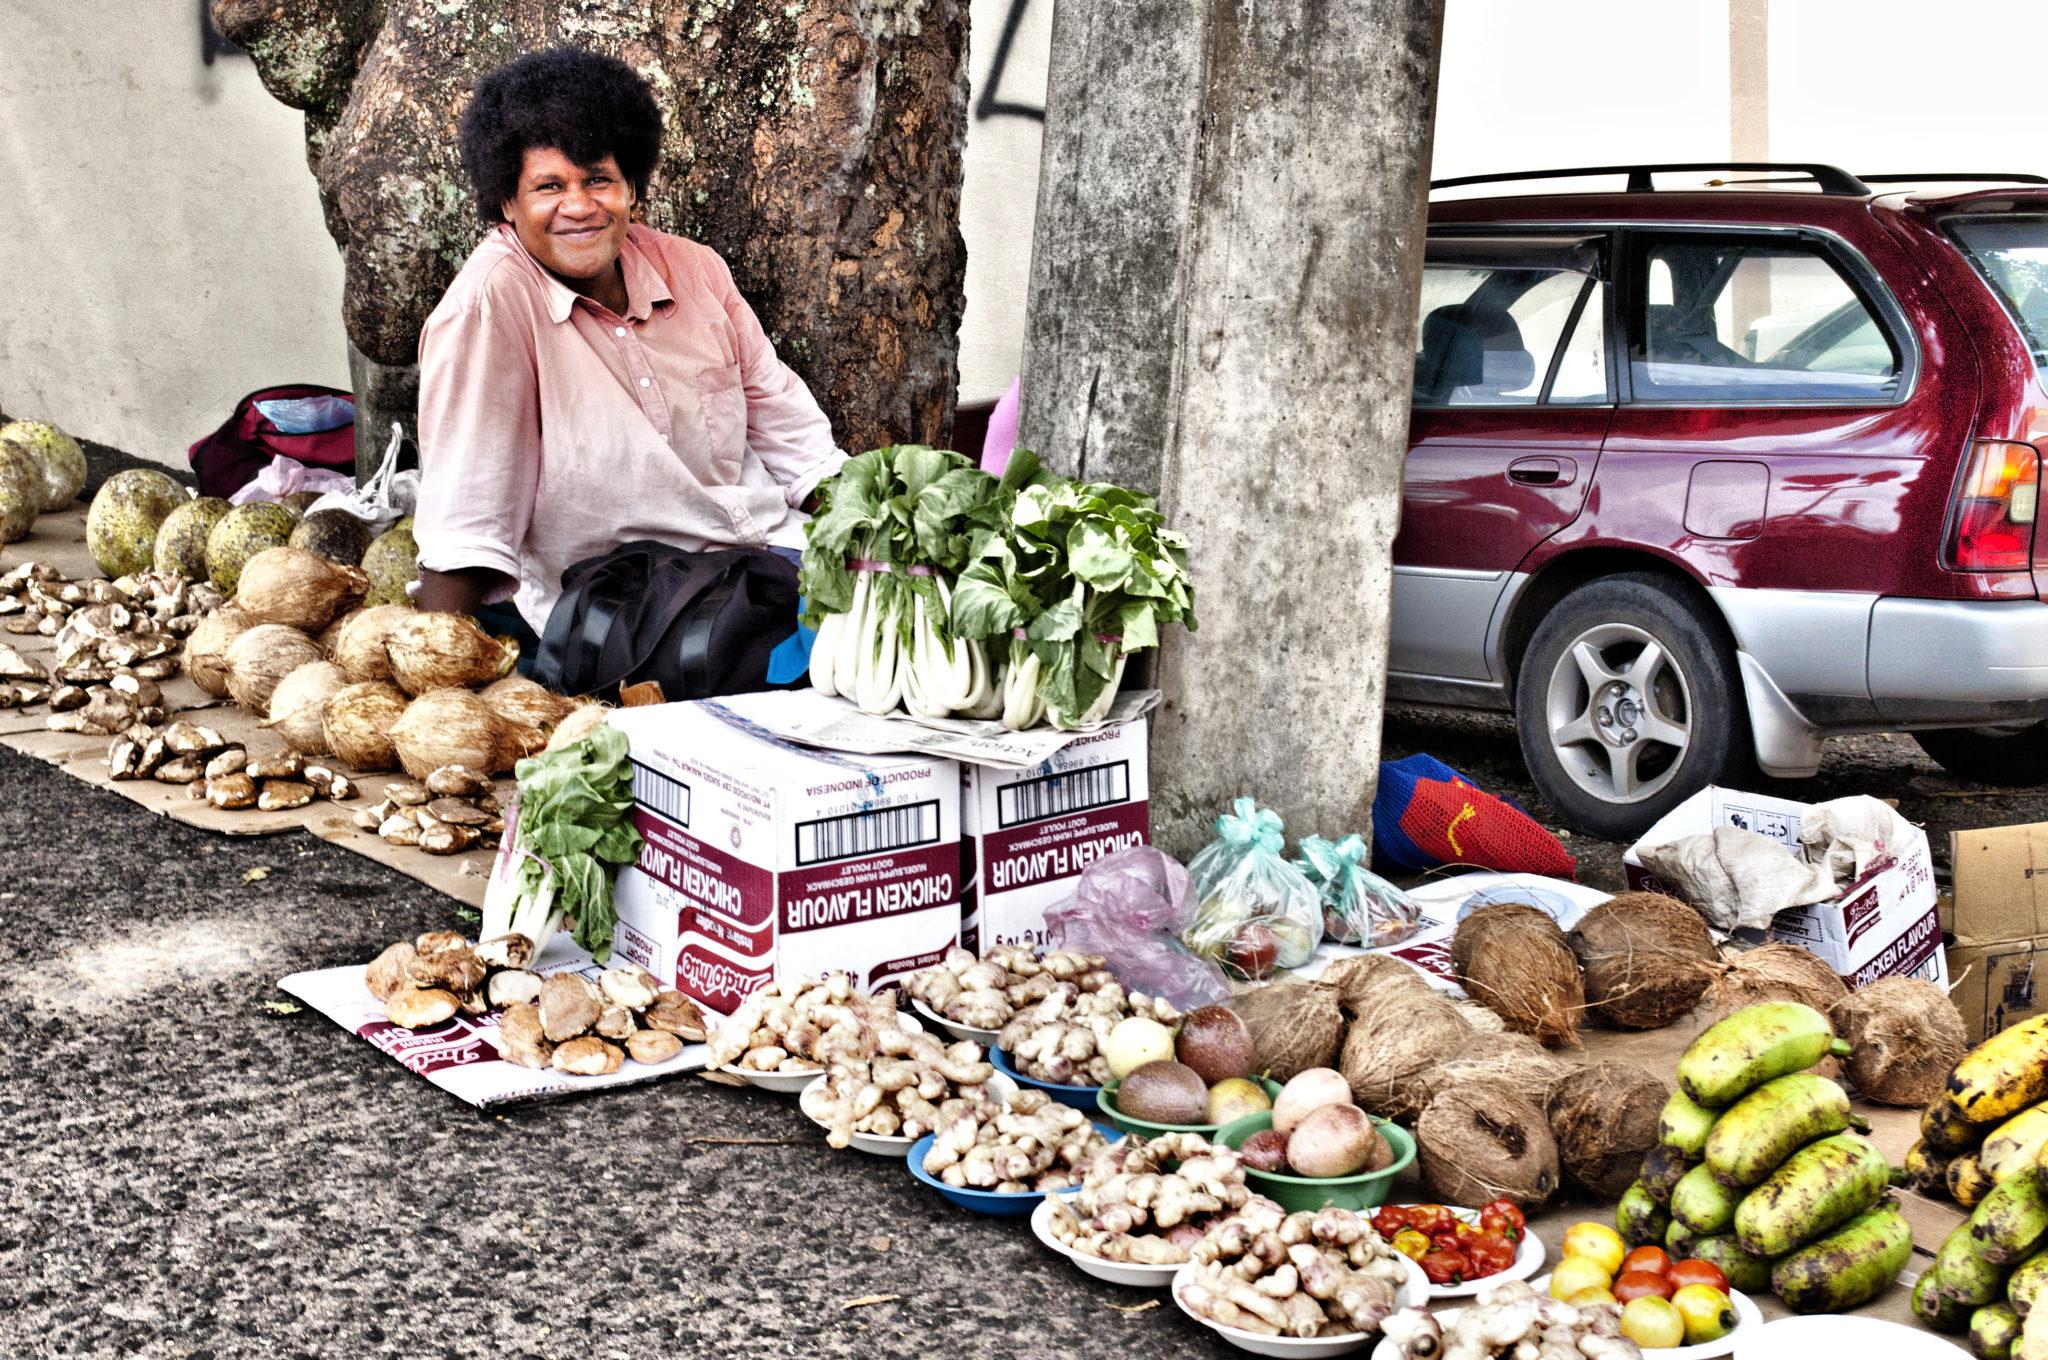 Fidschi-Inseln-Frau-Marktstand